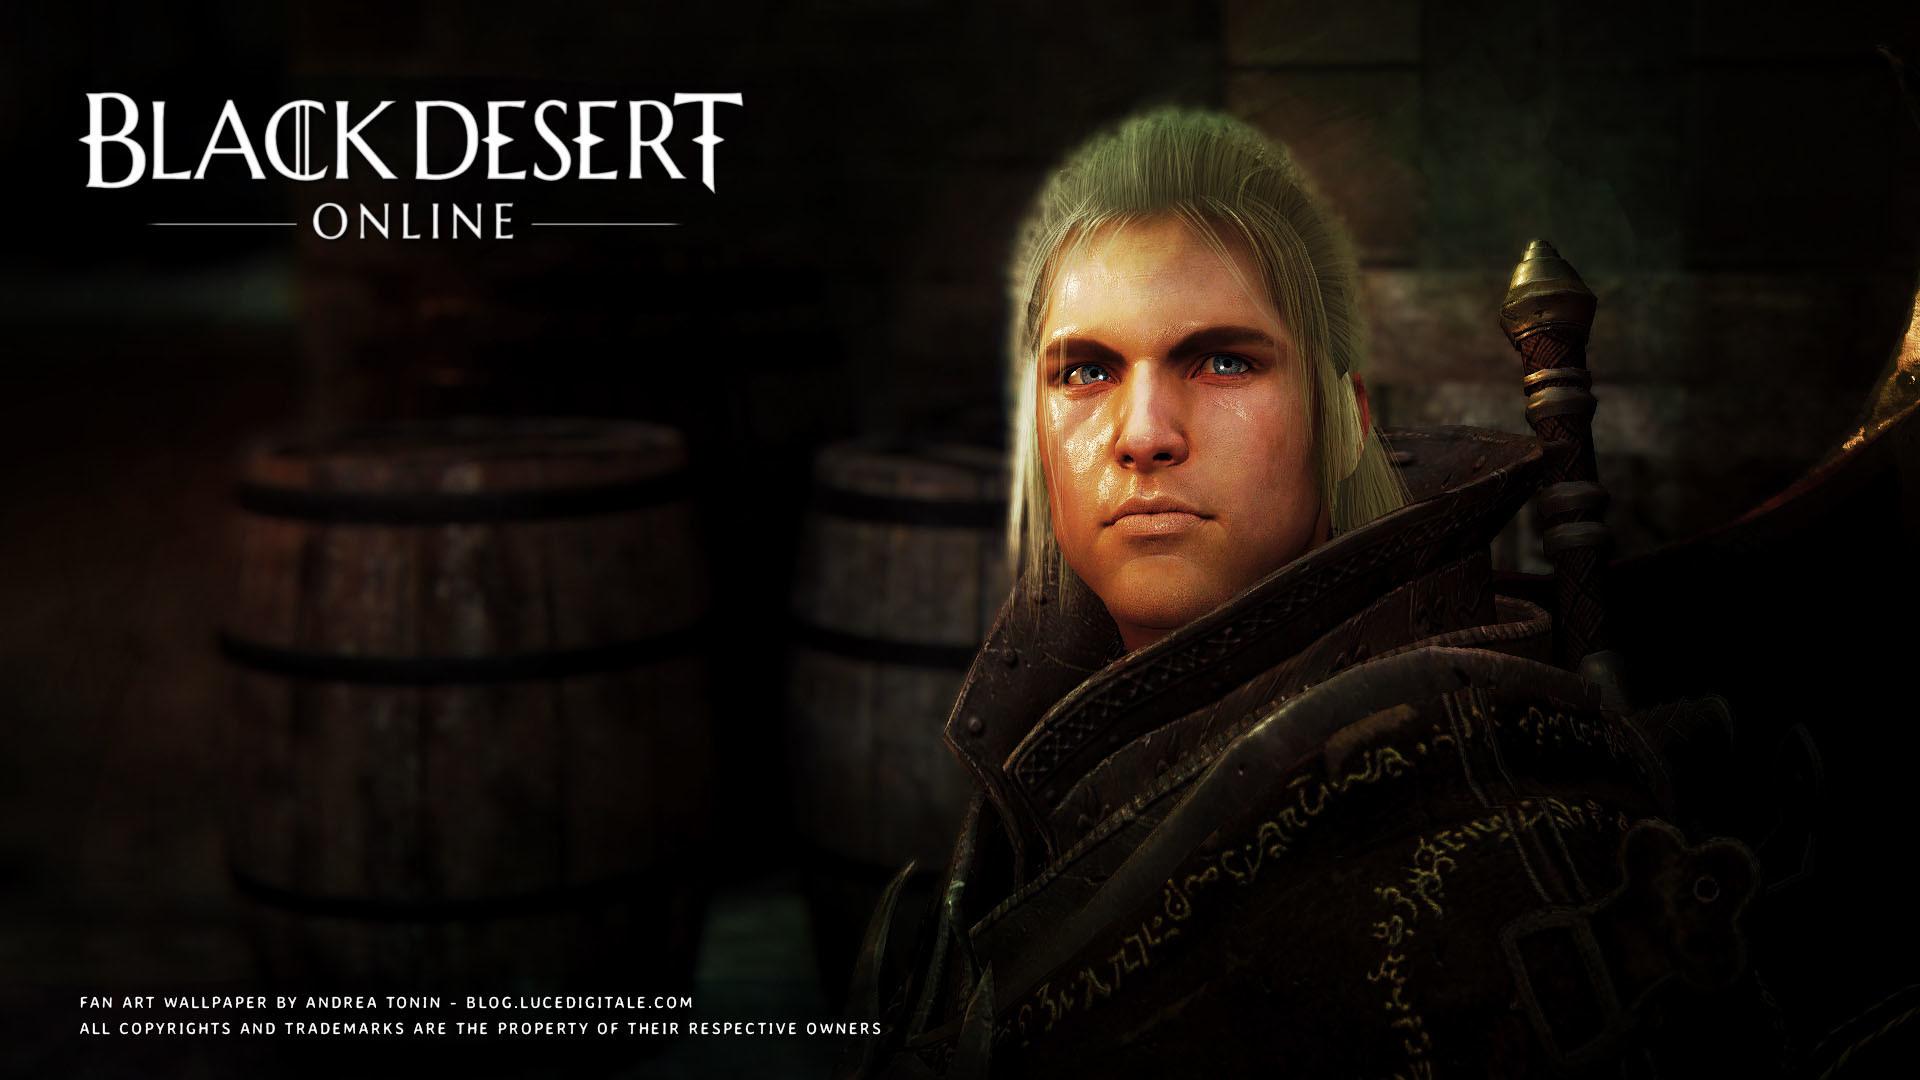 warrior-black-desert-online-wallpaper-002.jpg